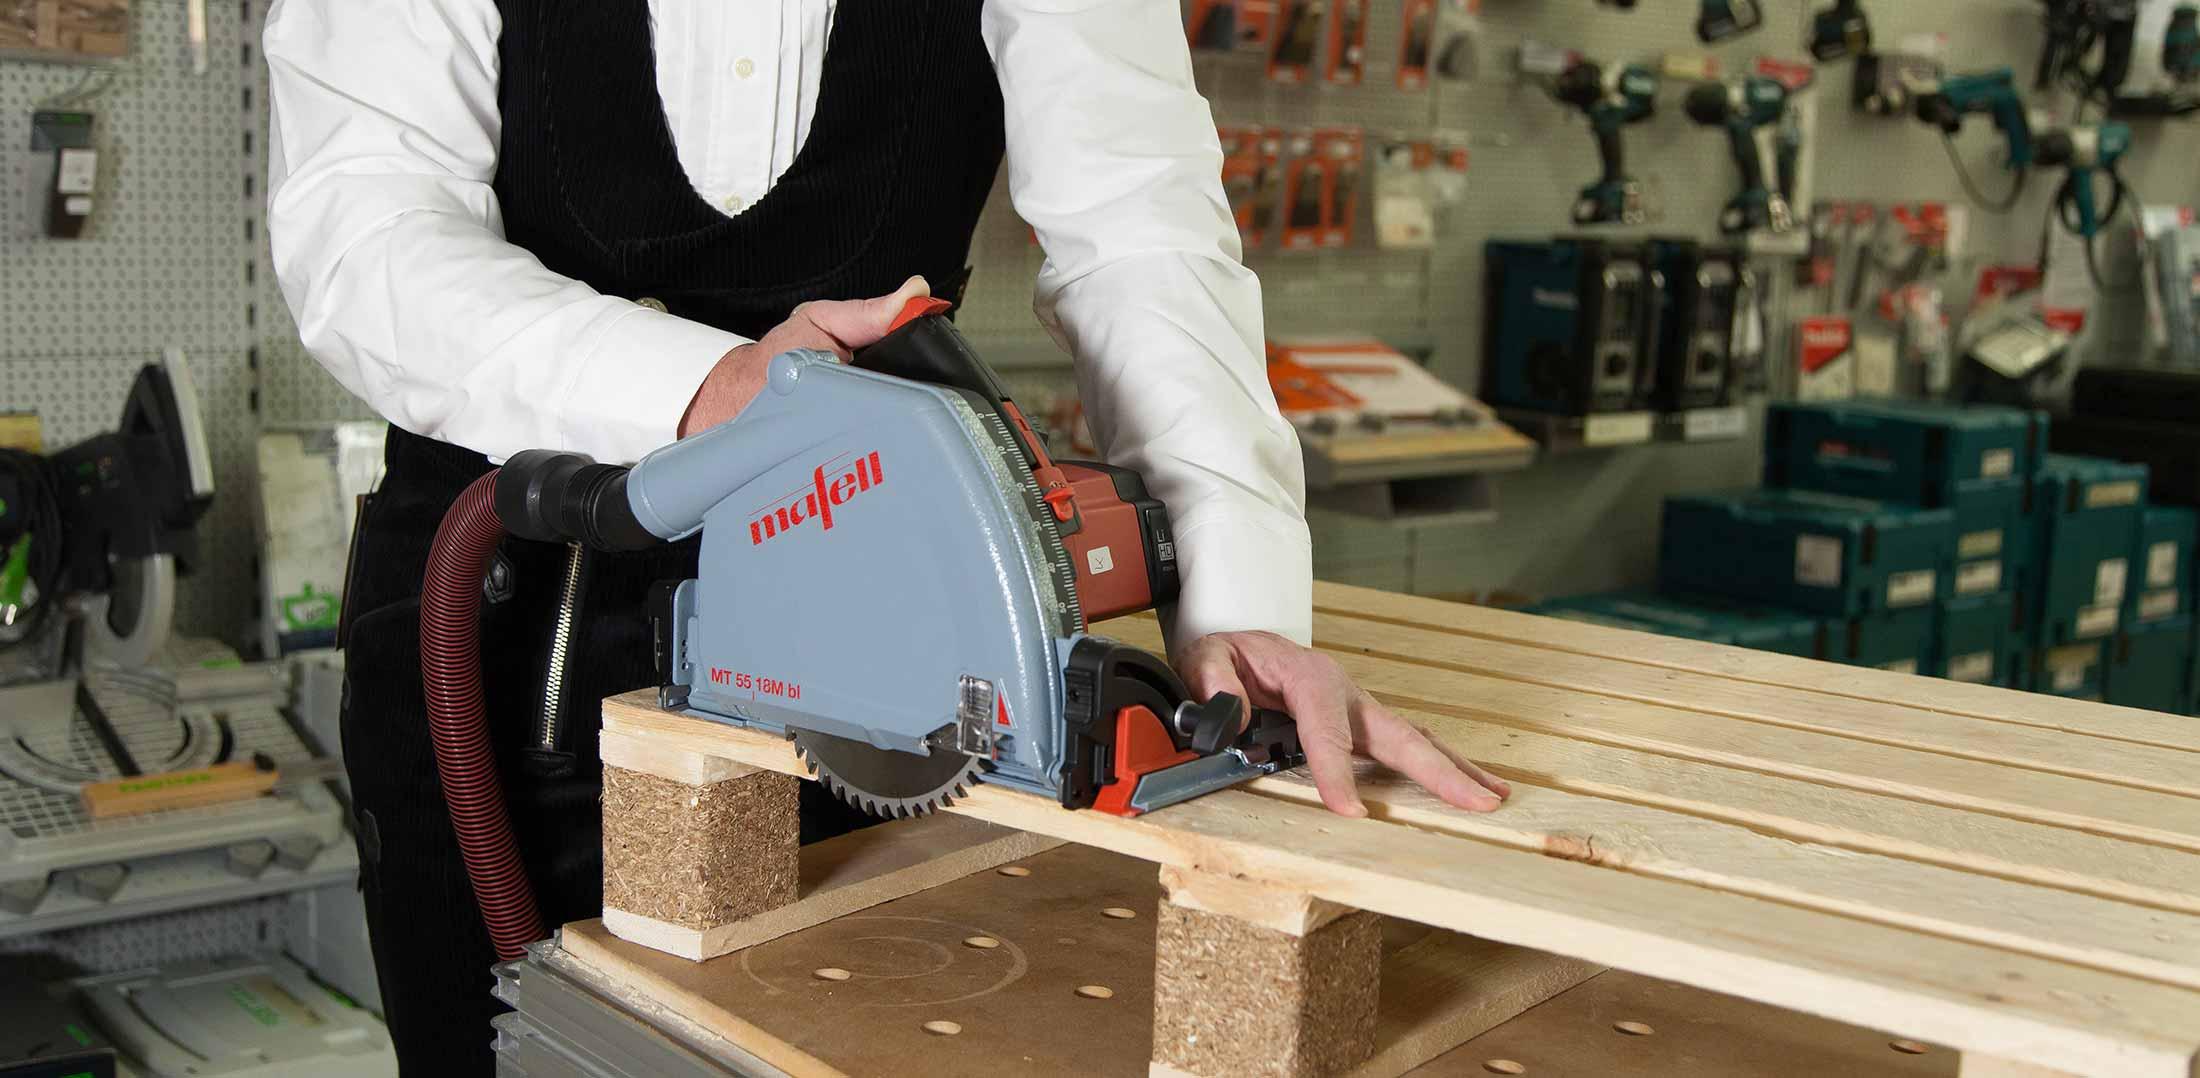 Spezialist für professionelle Handwerkerausrüstung